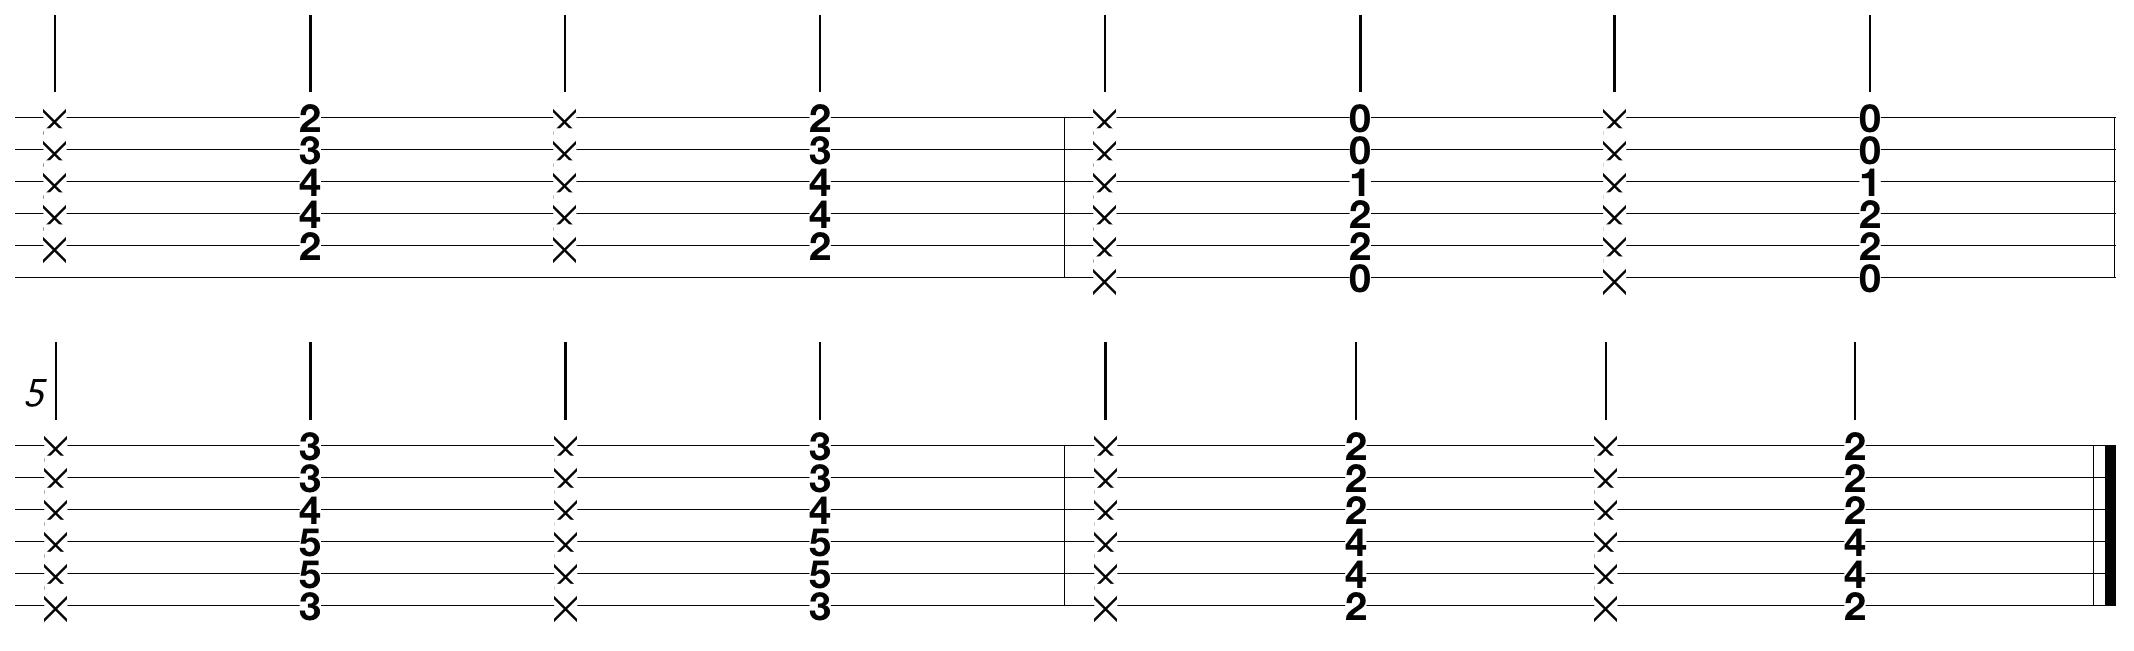 rhythm-guitar-songs_3.png